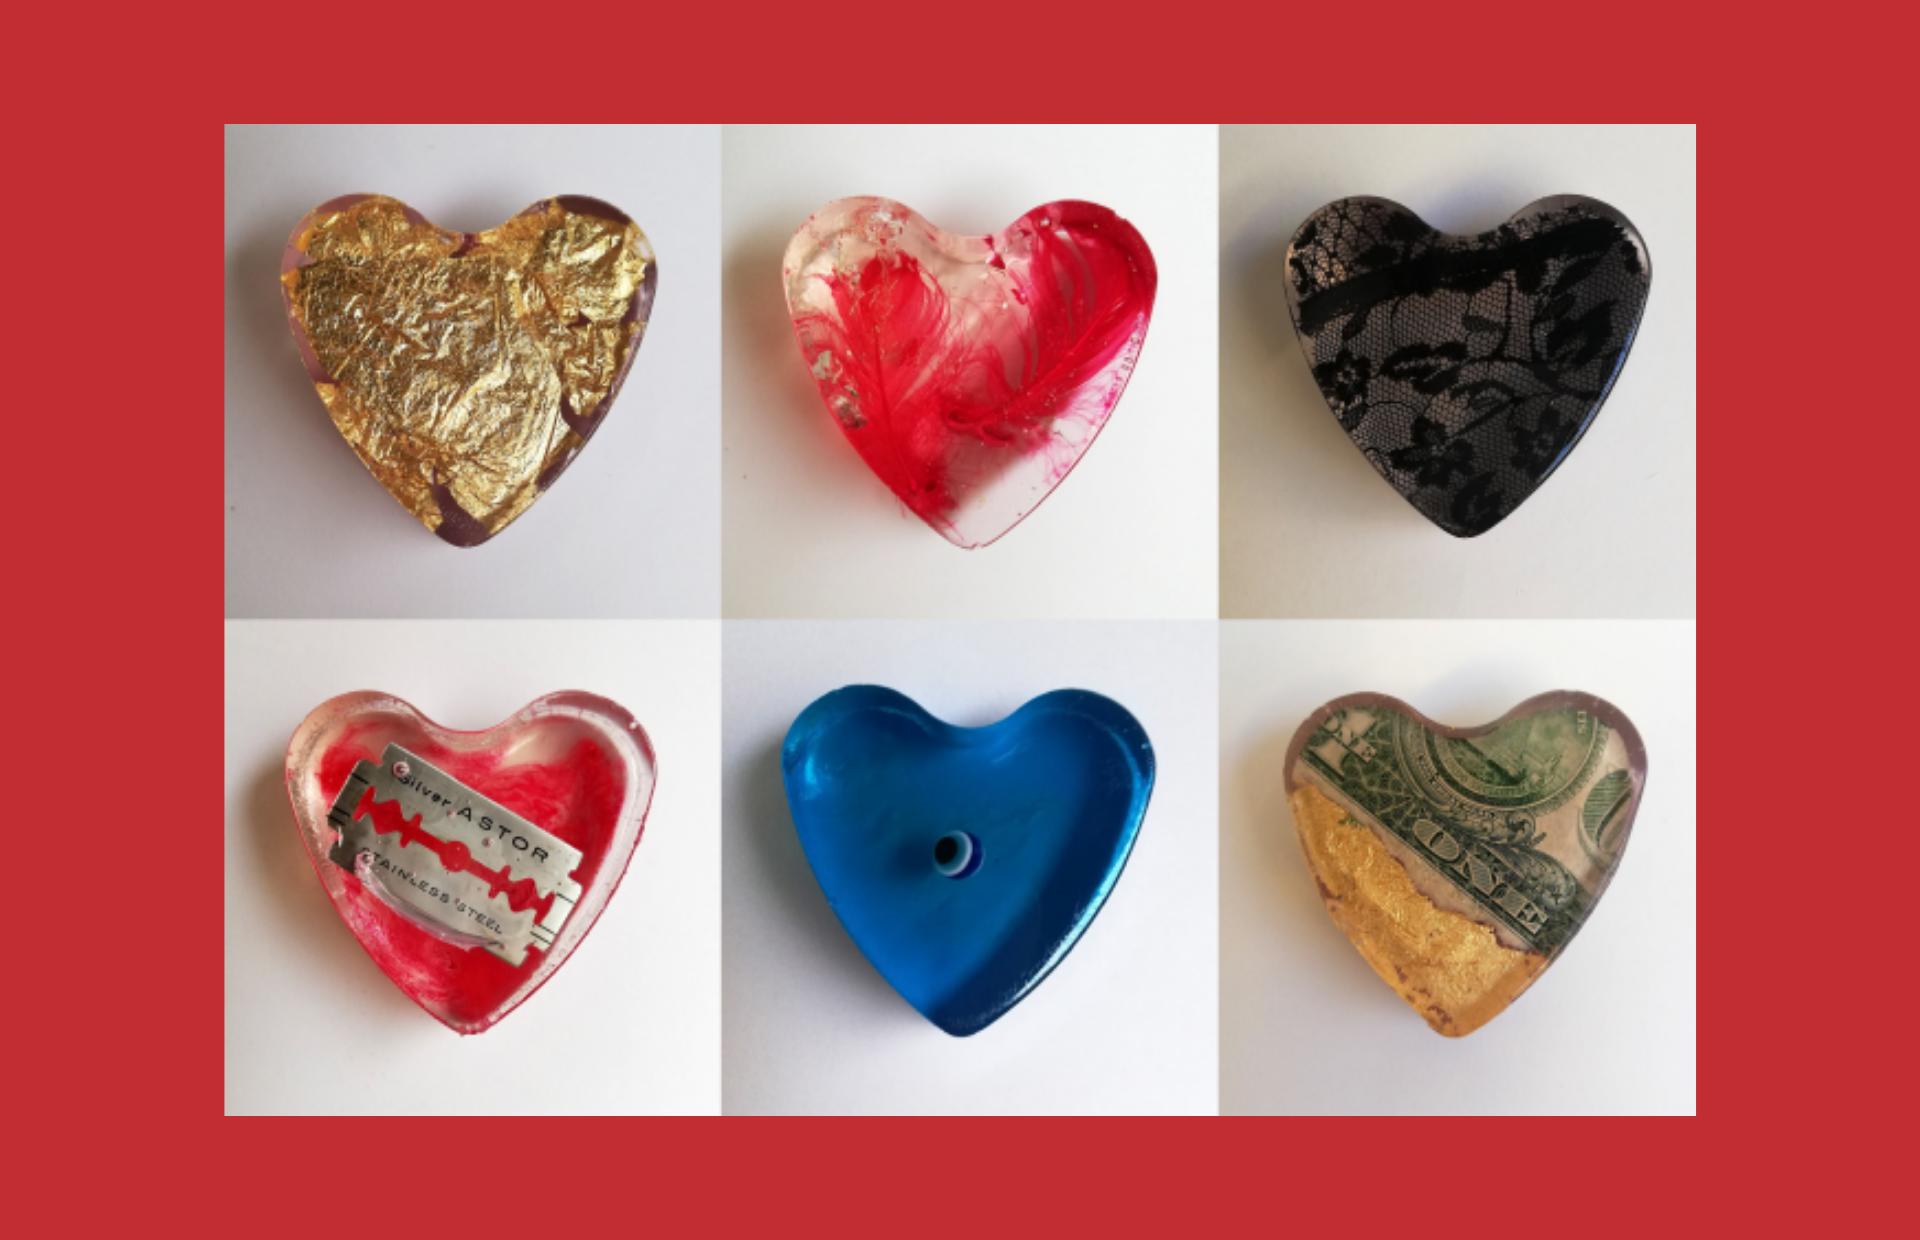 ΕΡΓΟΣΤΑΣΙΟ ΚΑΡΔΙΑΣ | Ένα εικαστικό project που σκορπίζει αγάπη και απωθεί τη μοναξιά